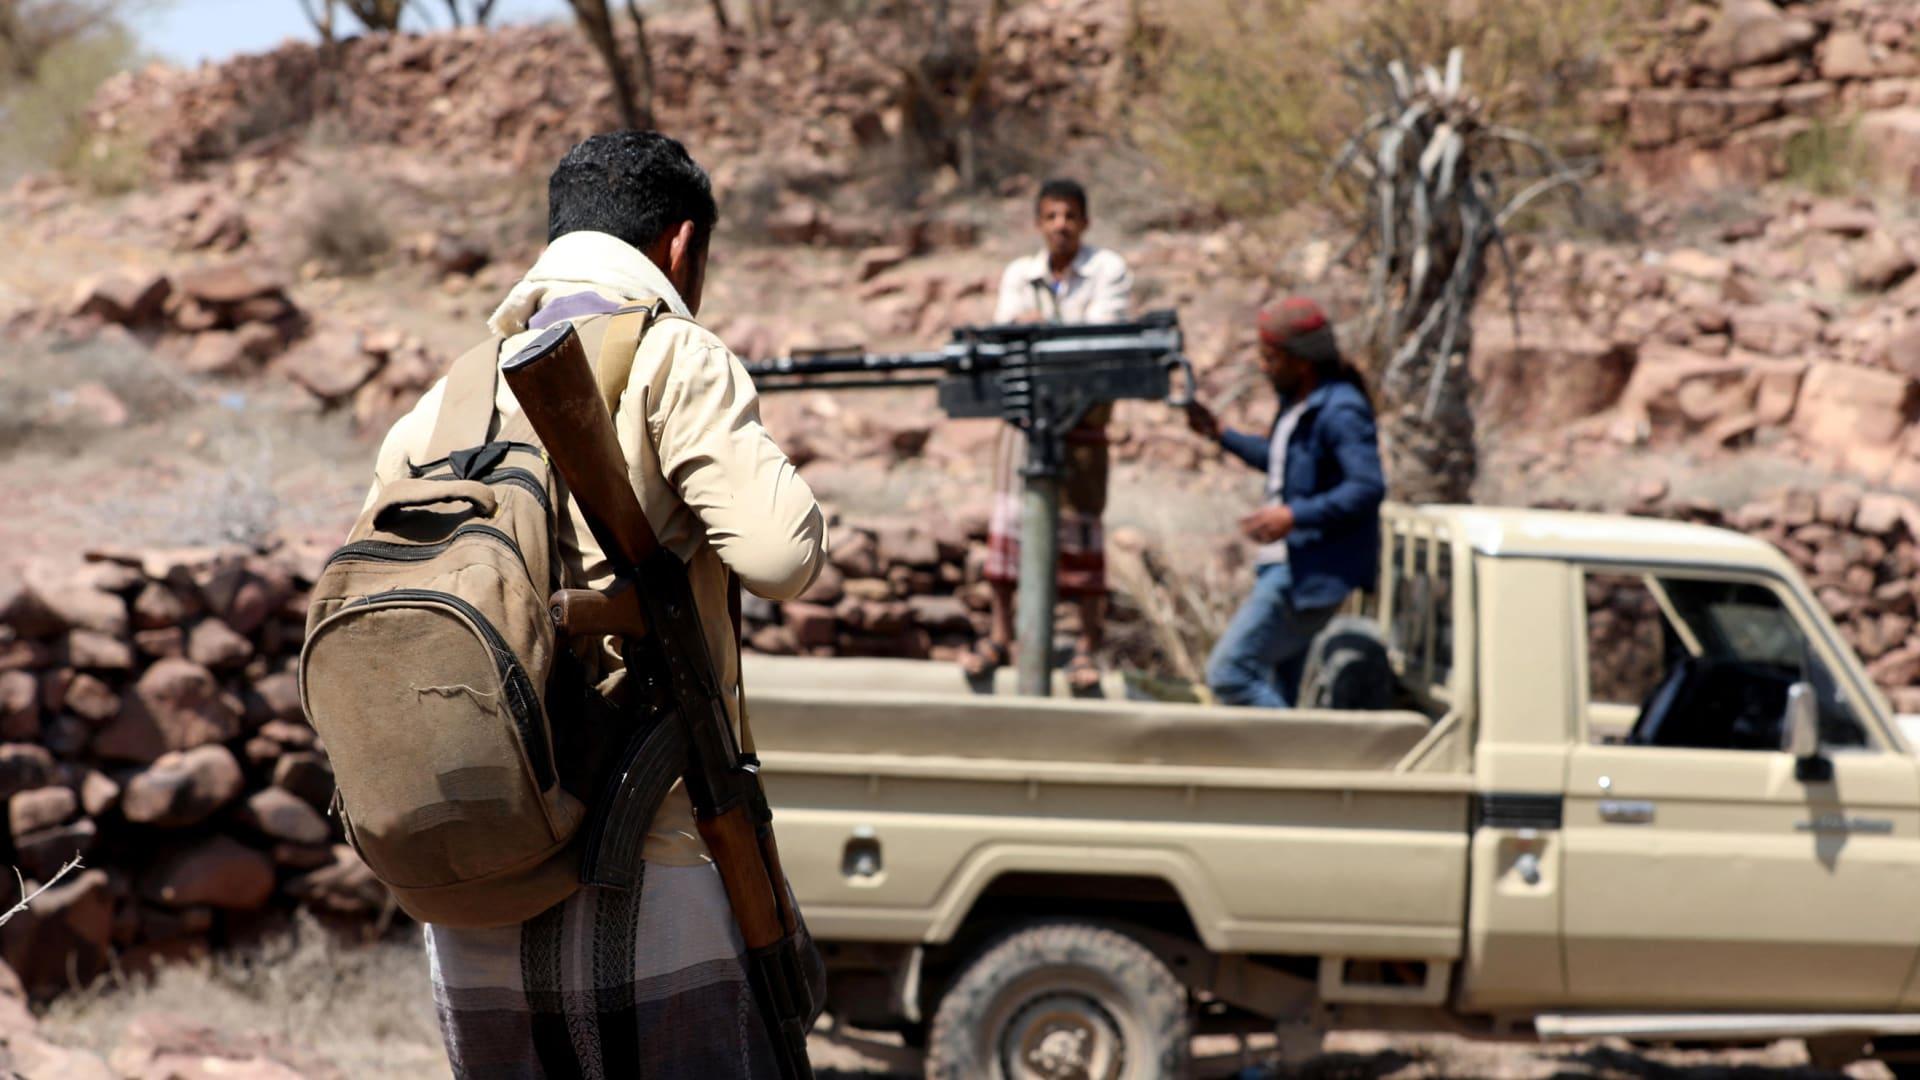 لقوات الموالية للحكومة اليمنية المدعومة من السعودية تتخذ مواقعها خلال الاشتباكات مع مقاتلي الحوثيين غرب ضواحي مدينة تعز اليمنية في 8 مارس/ آذار 2021.